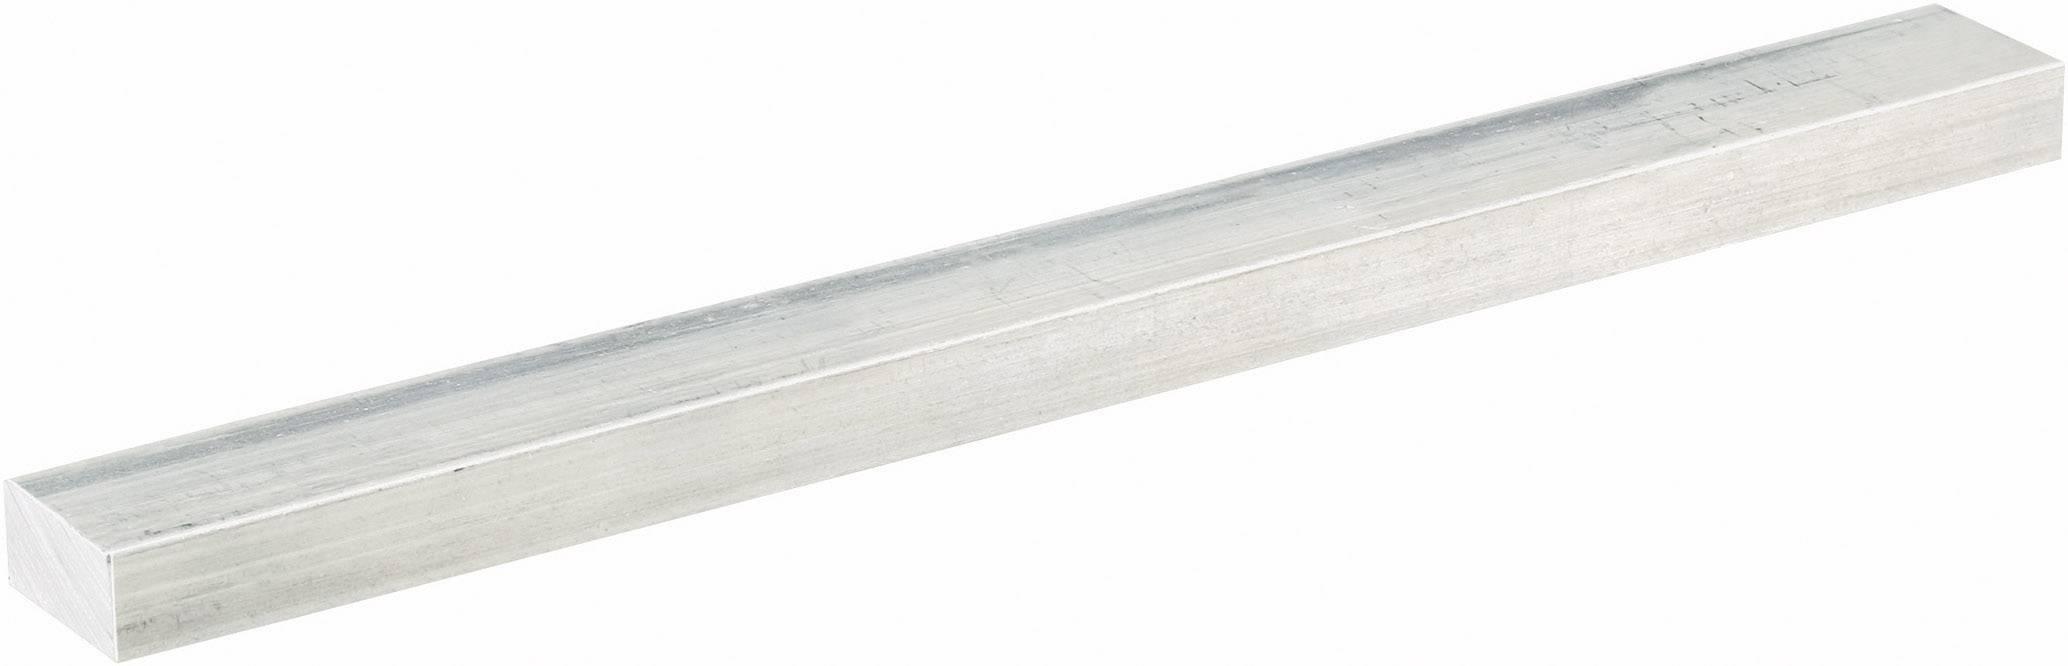 Profil Reely 237286, (d x š x v) 200 x 40 x 10 mm, hliník